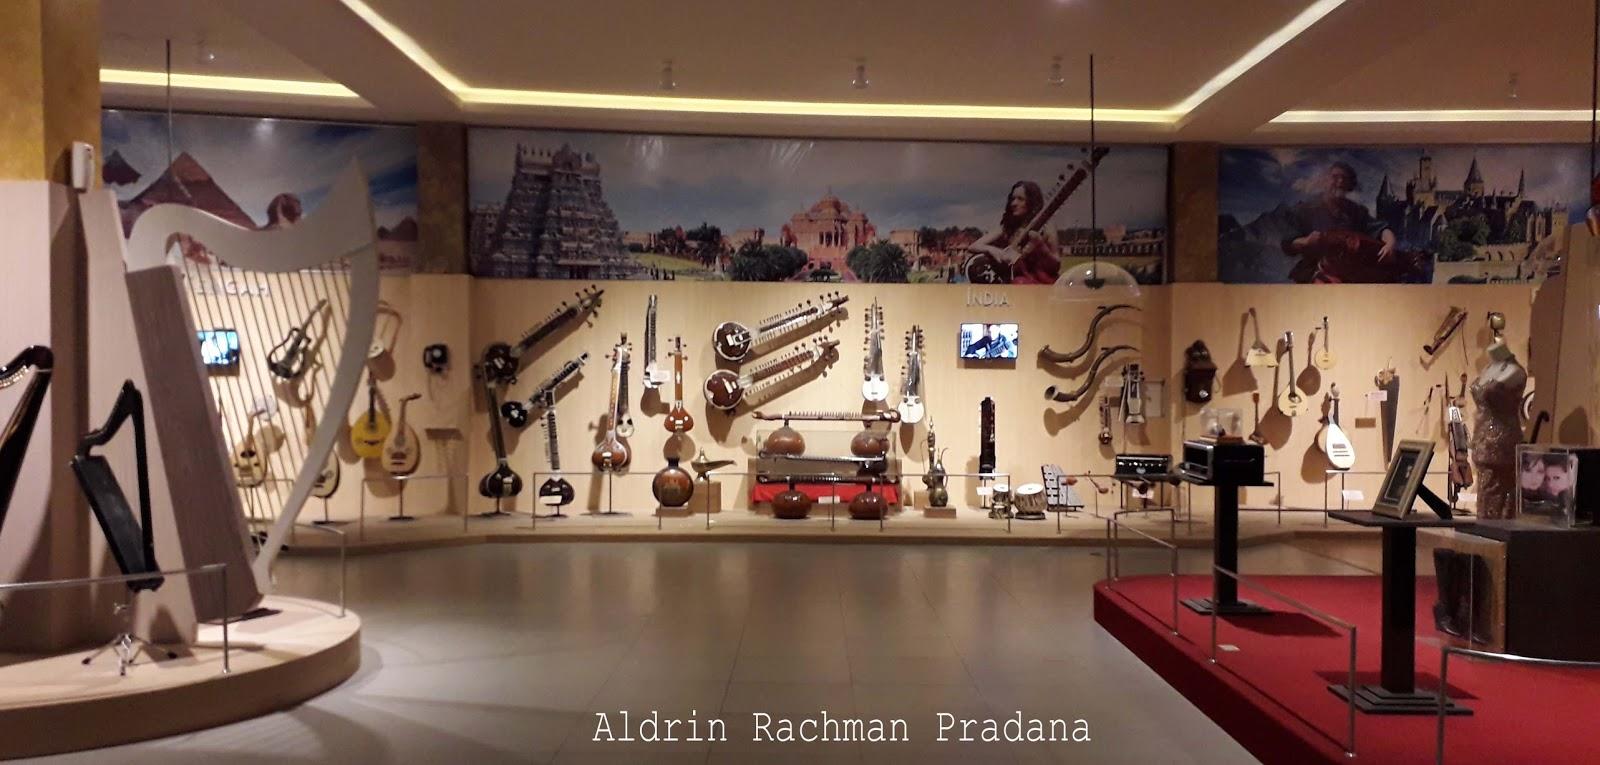 Galeri Musik Dunia Memorabilia Dan Destinasi Wajib Bagi Pecinta